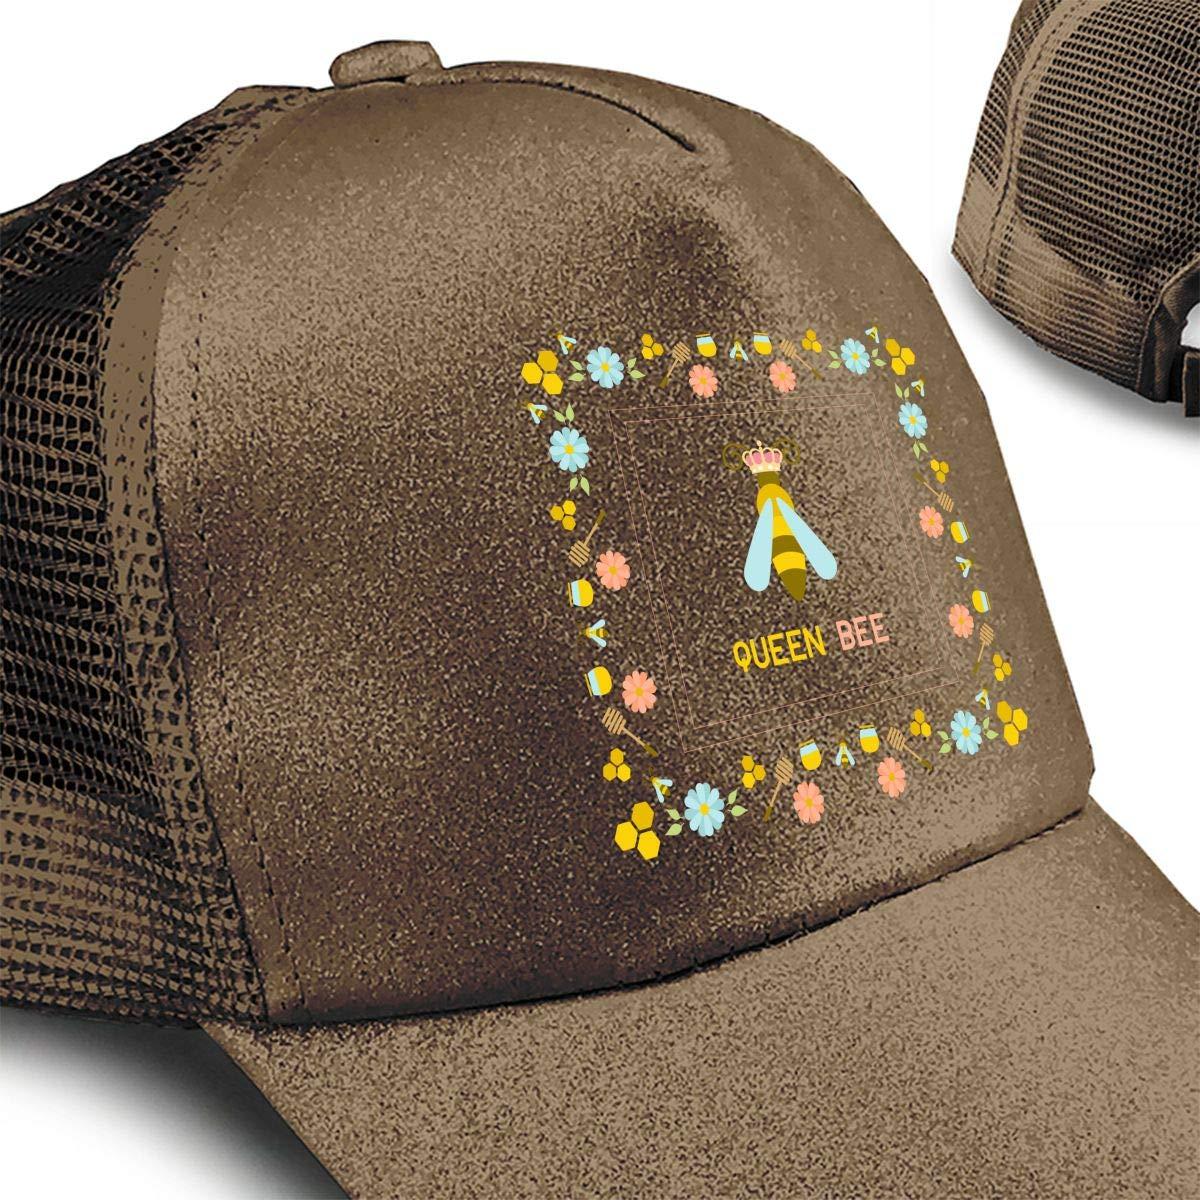 Vintage Beehive Life is Better with Queen Bee Ponytail Messy High Bun Hat Ponycaps Baseball Cap Adjustable Trucker Cap Mesh Cap